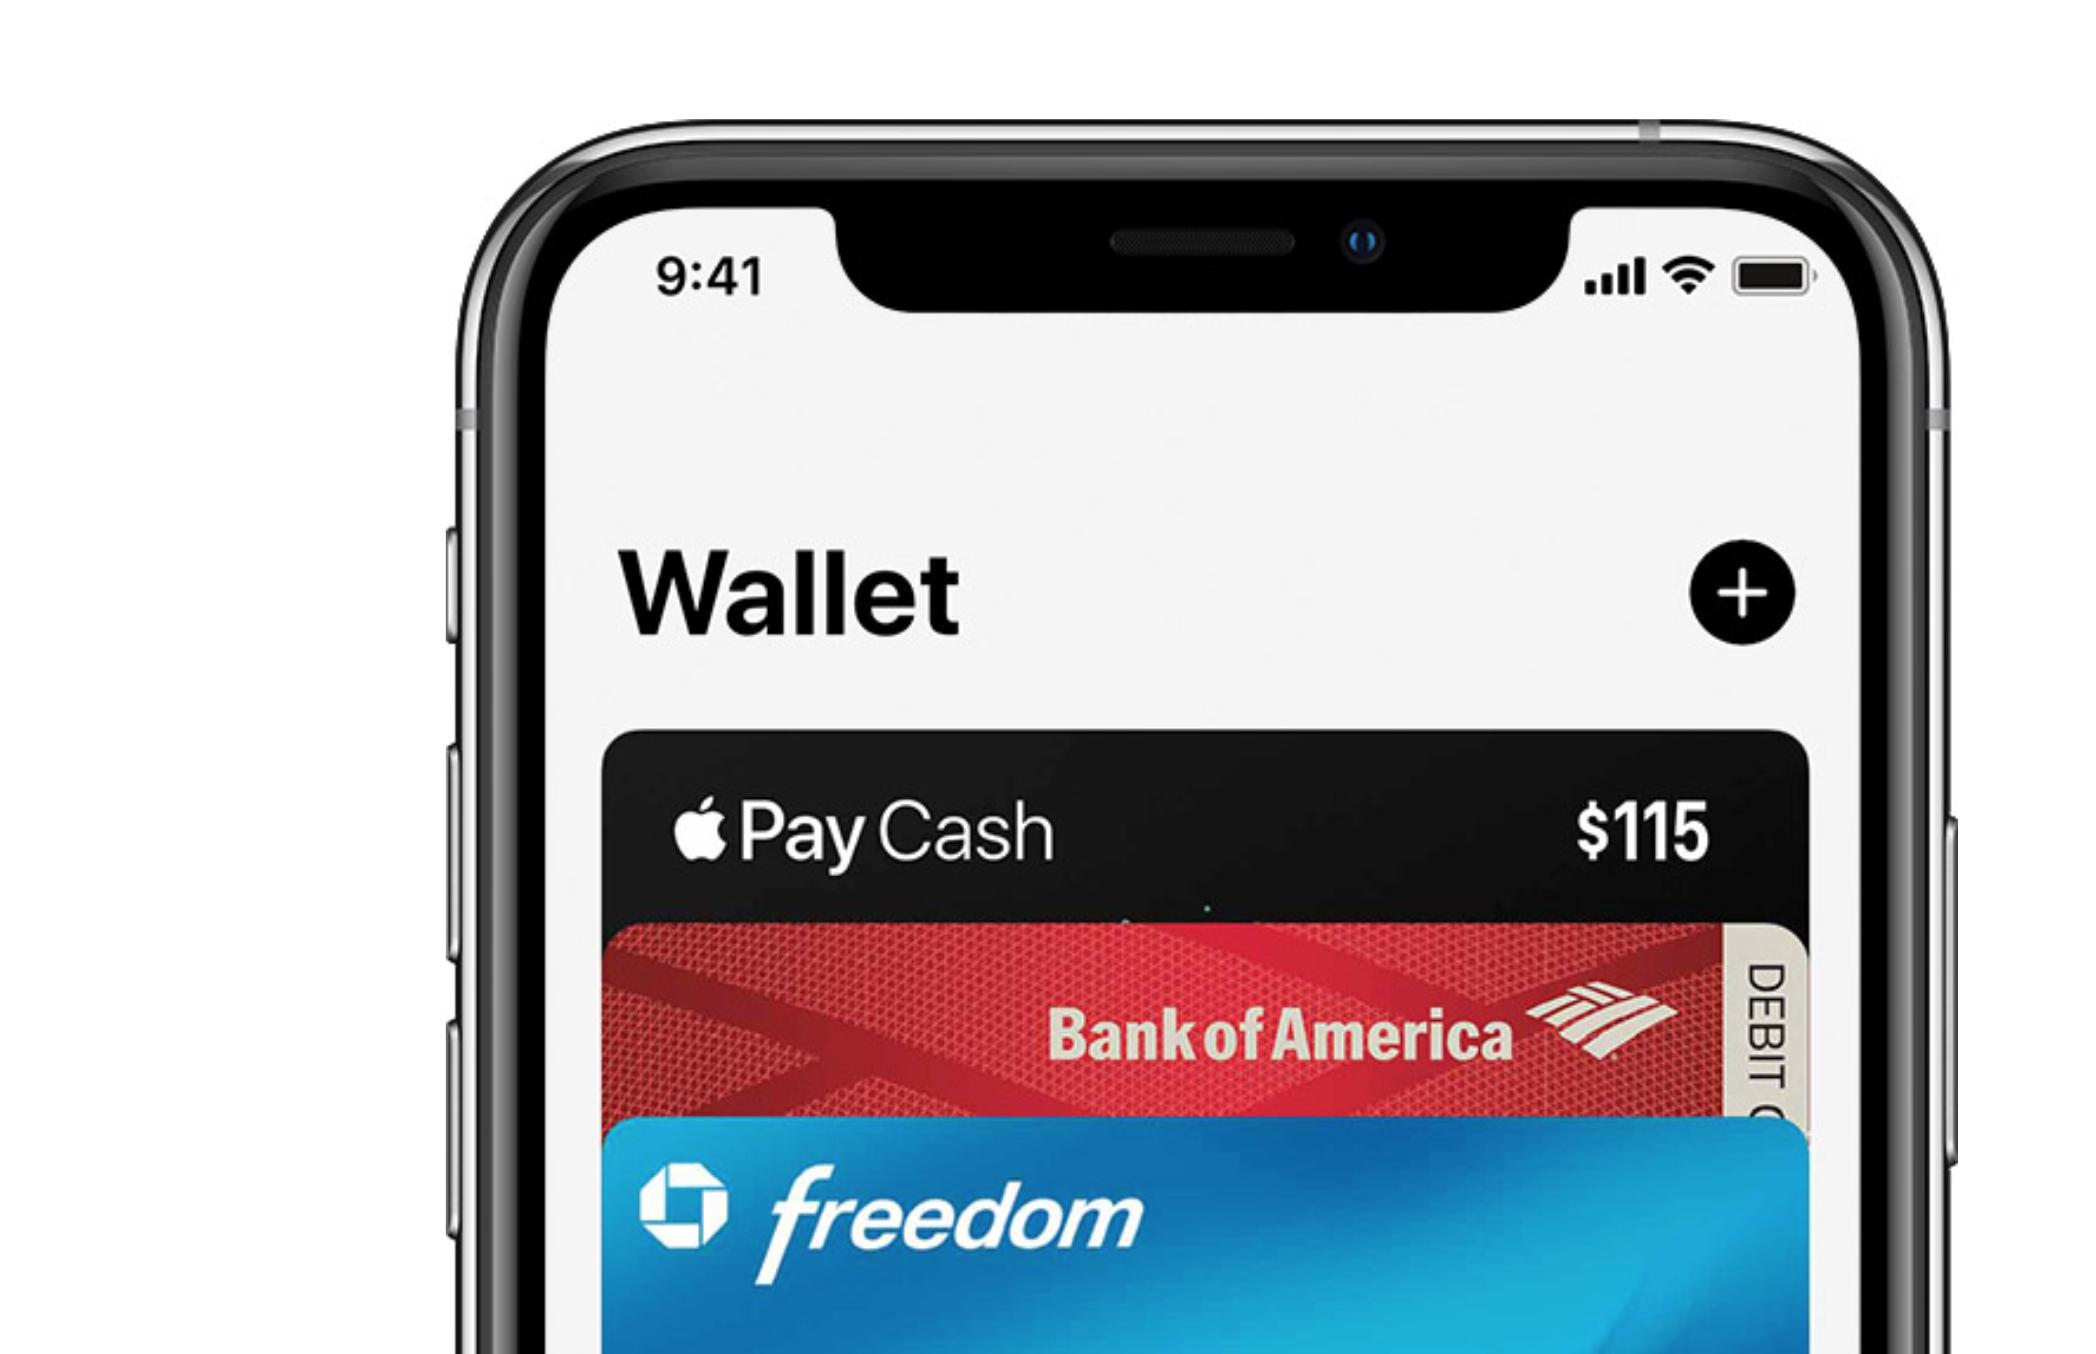 Zentrale Kartenverwaltung: So fügen Sie Bonuskarten, Bordkarten und mehr zur Wallet-App hinzu